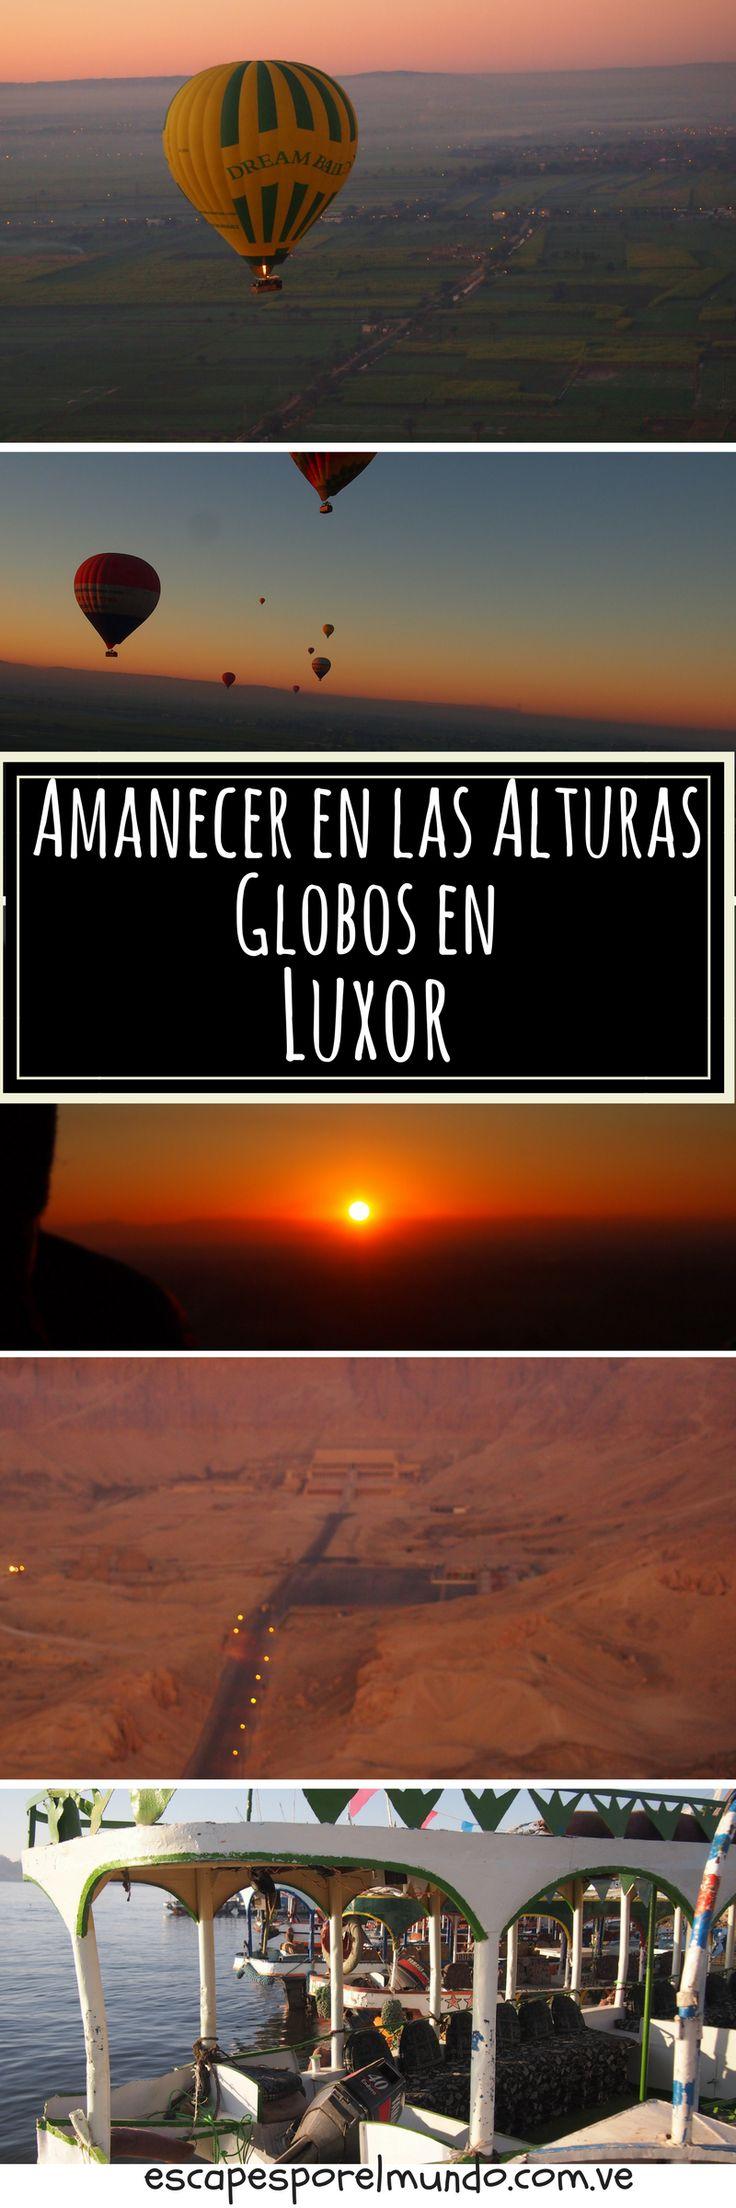 Luxor desde la Alturas, un viaje en globo, para disfrutar de un amanecer de altura |Travel Inspiration |Travel Destination | Luxor | Egypt |